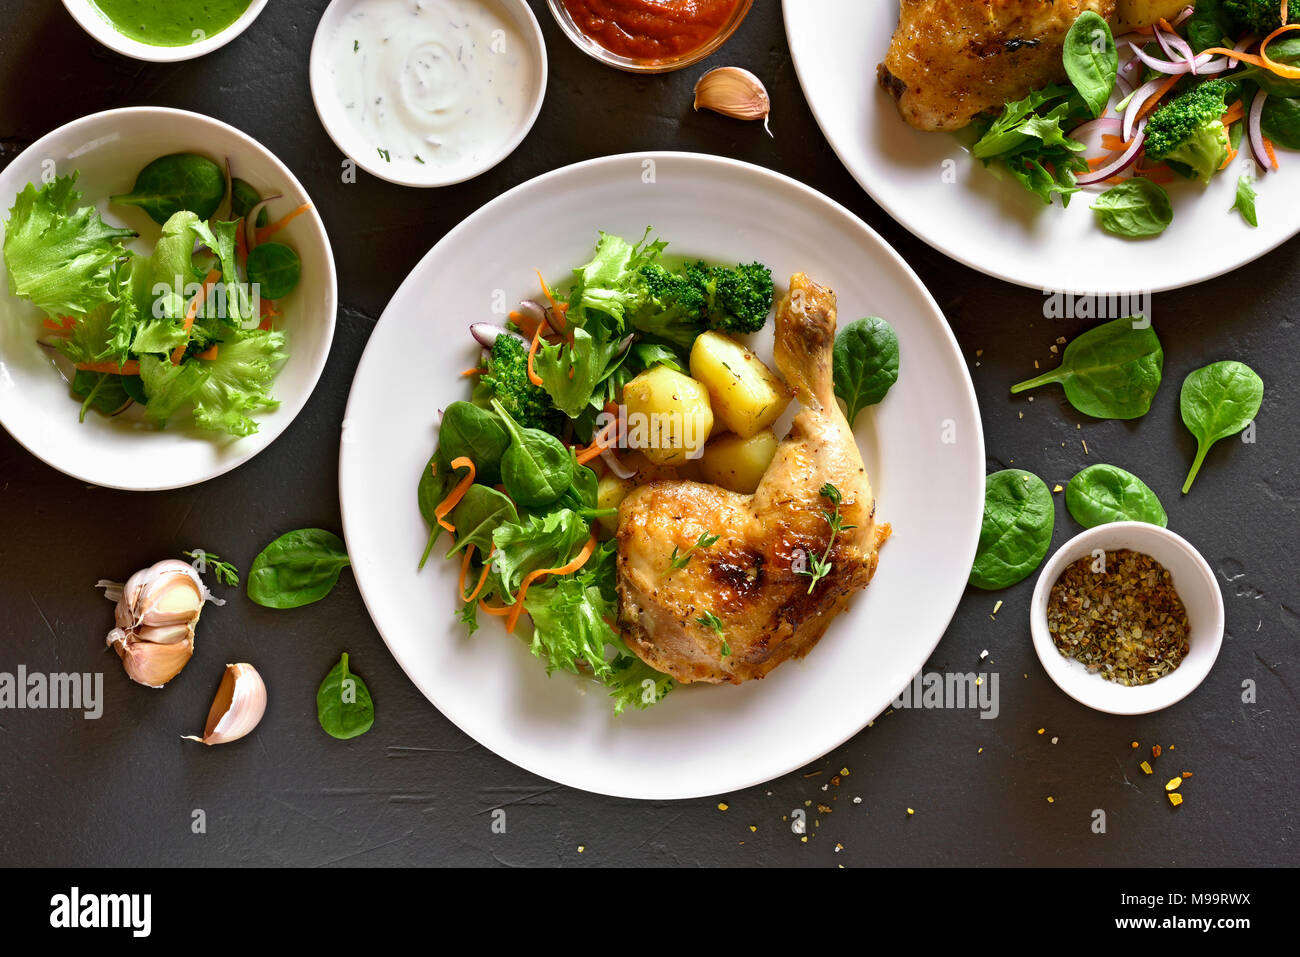 Cuisse de poulet au four savoureux avec des pommes de terre et salade verte. Plat pour le dîner. Haut de la vue, télévision lay Photo Stock